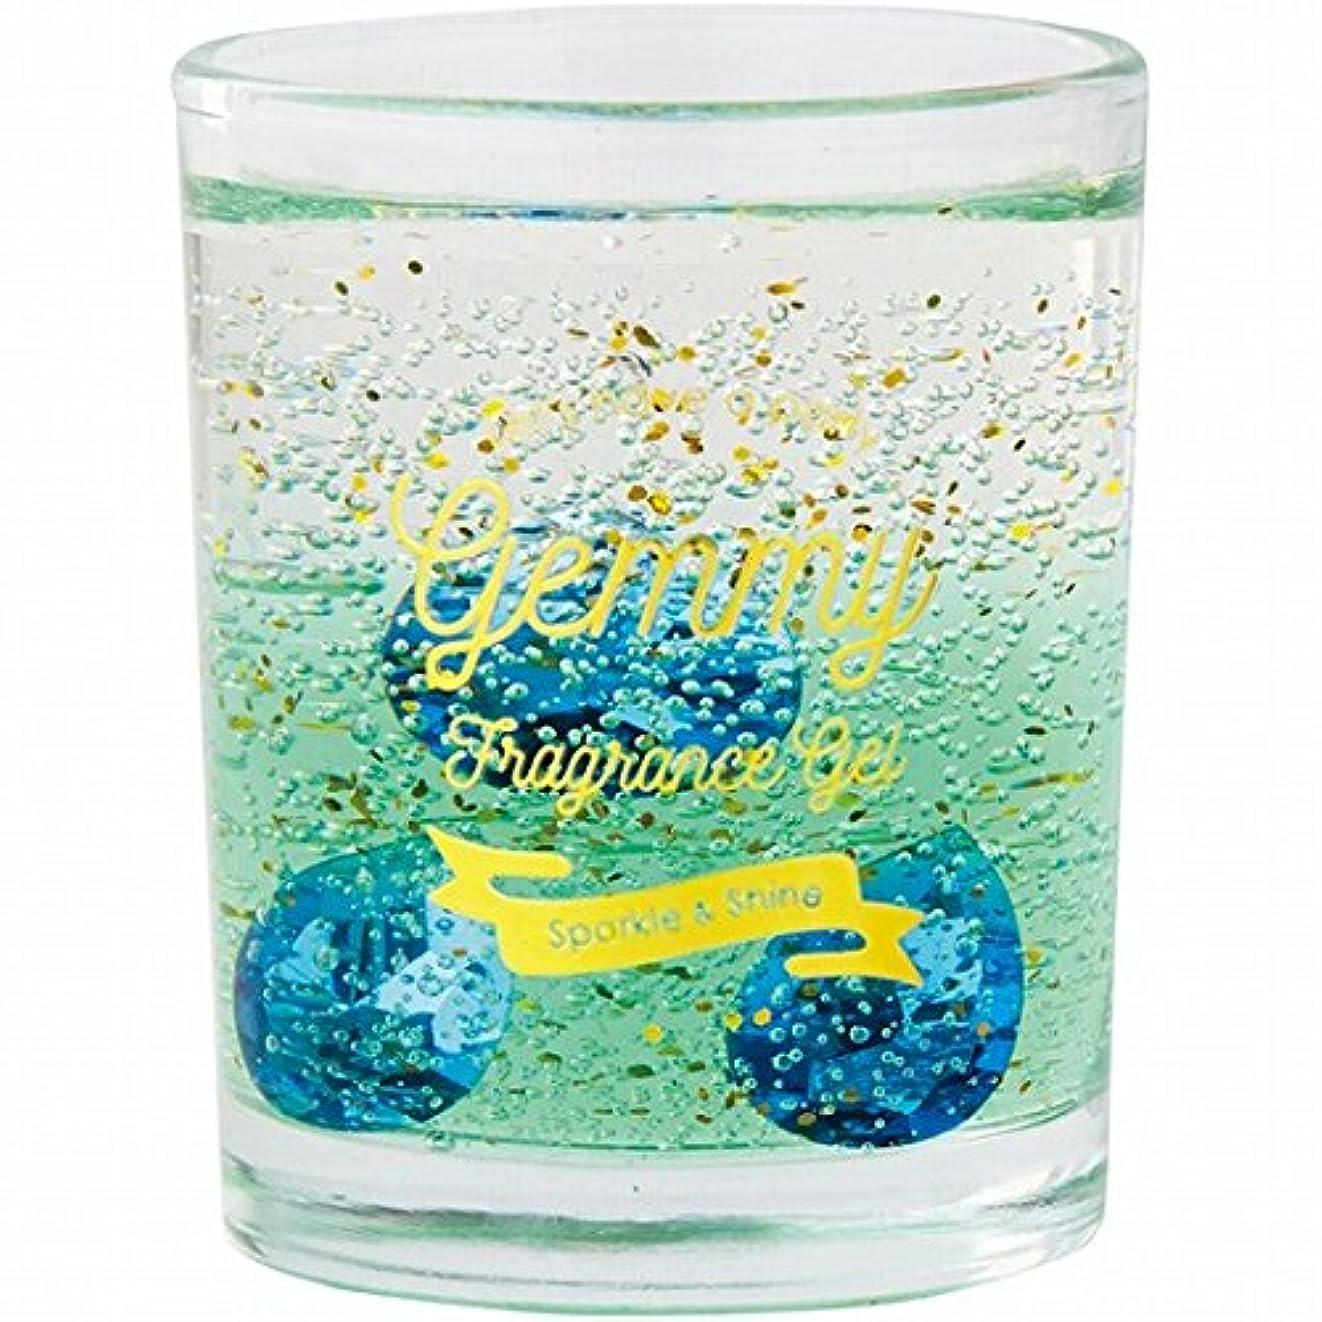 順応性キャビン従順kameyama candle(カメヤマキャンドル) GEMMY(ジェミー) フレグランスジェル 「タイム」6個セット(E3310510)